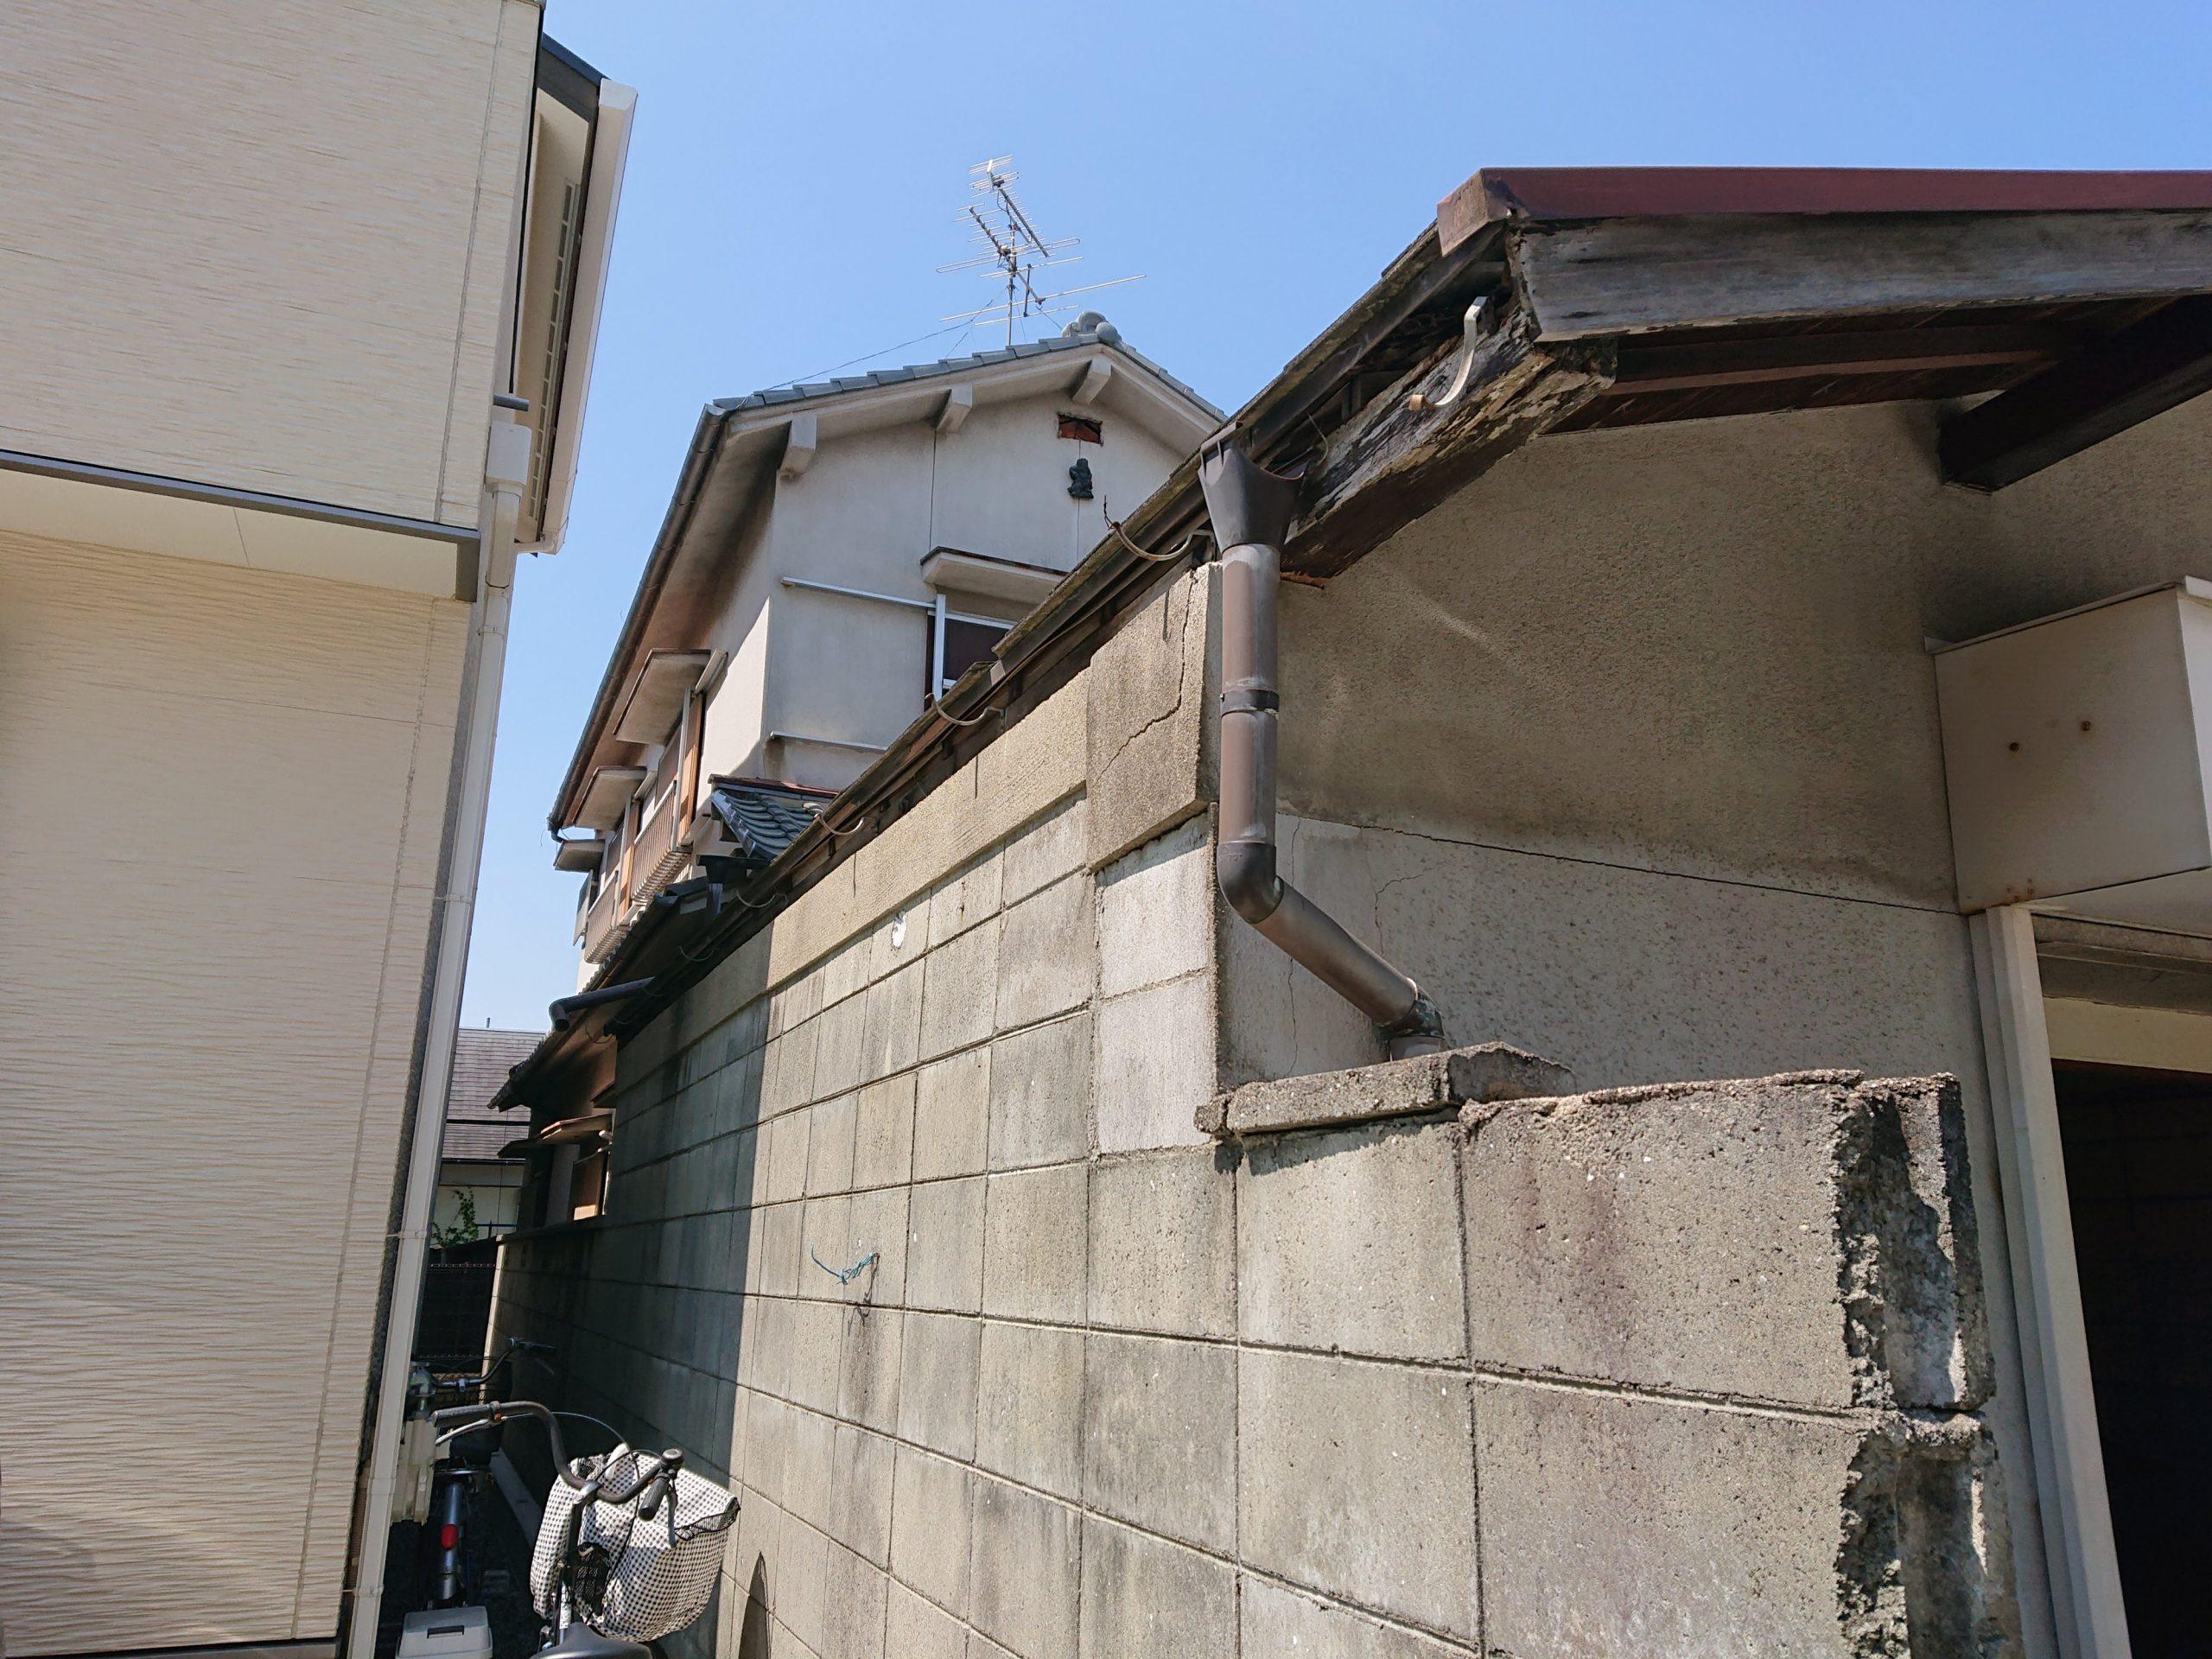 忠岡町のガレージの雨樋が飛散